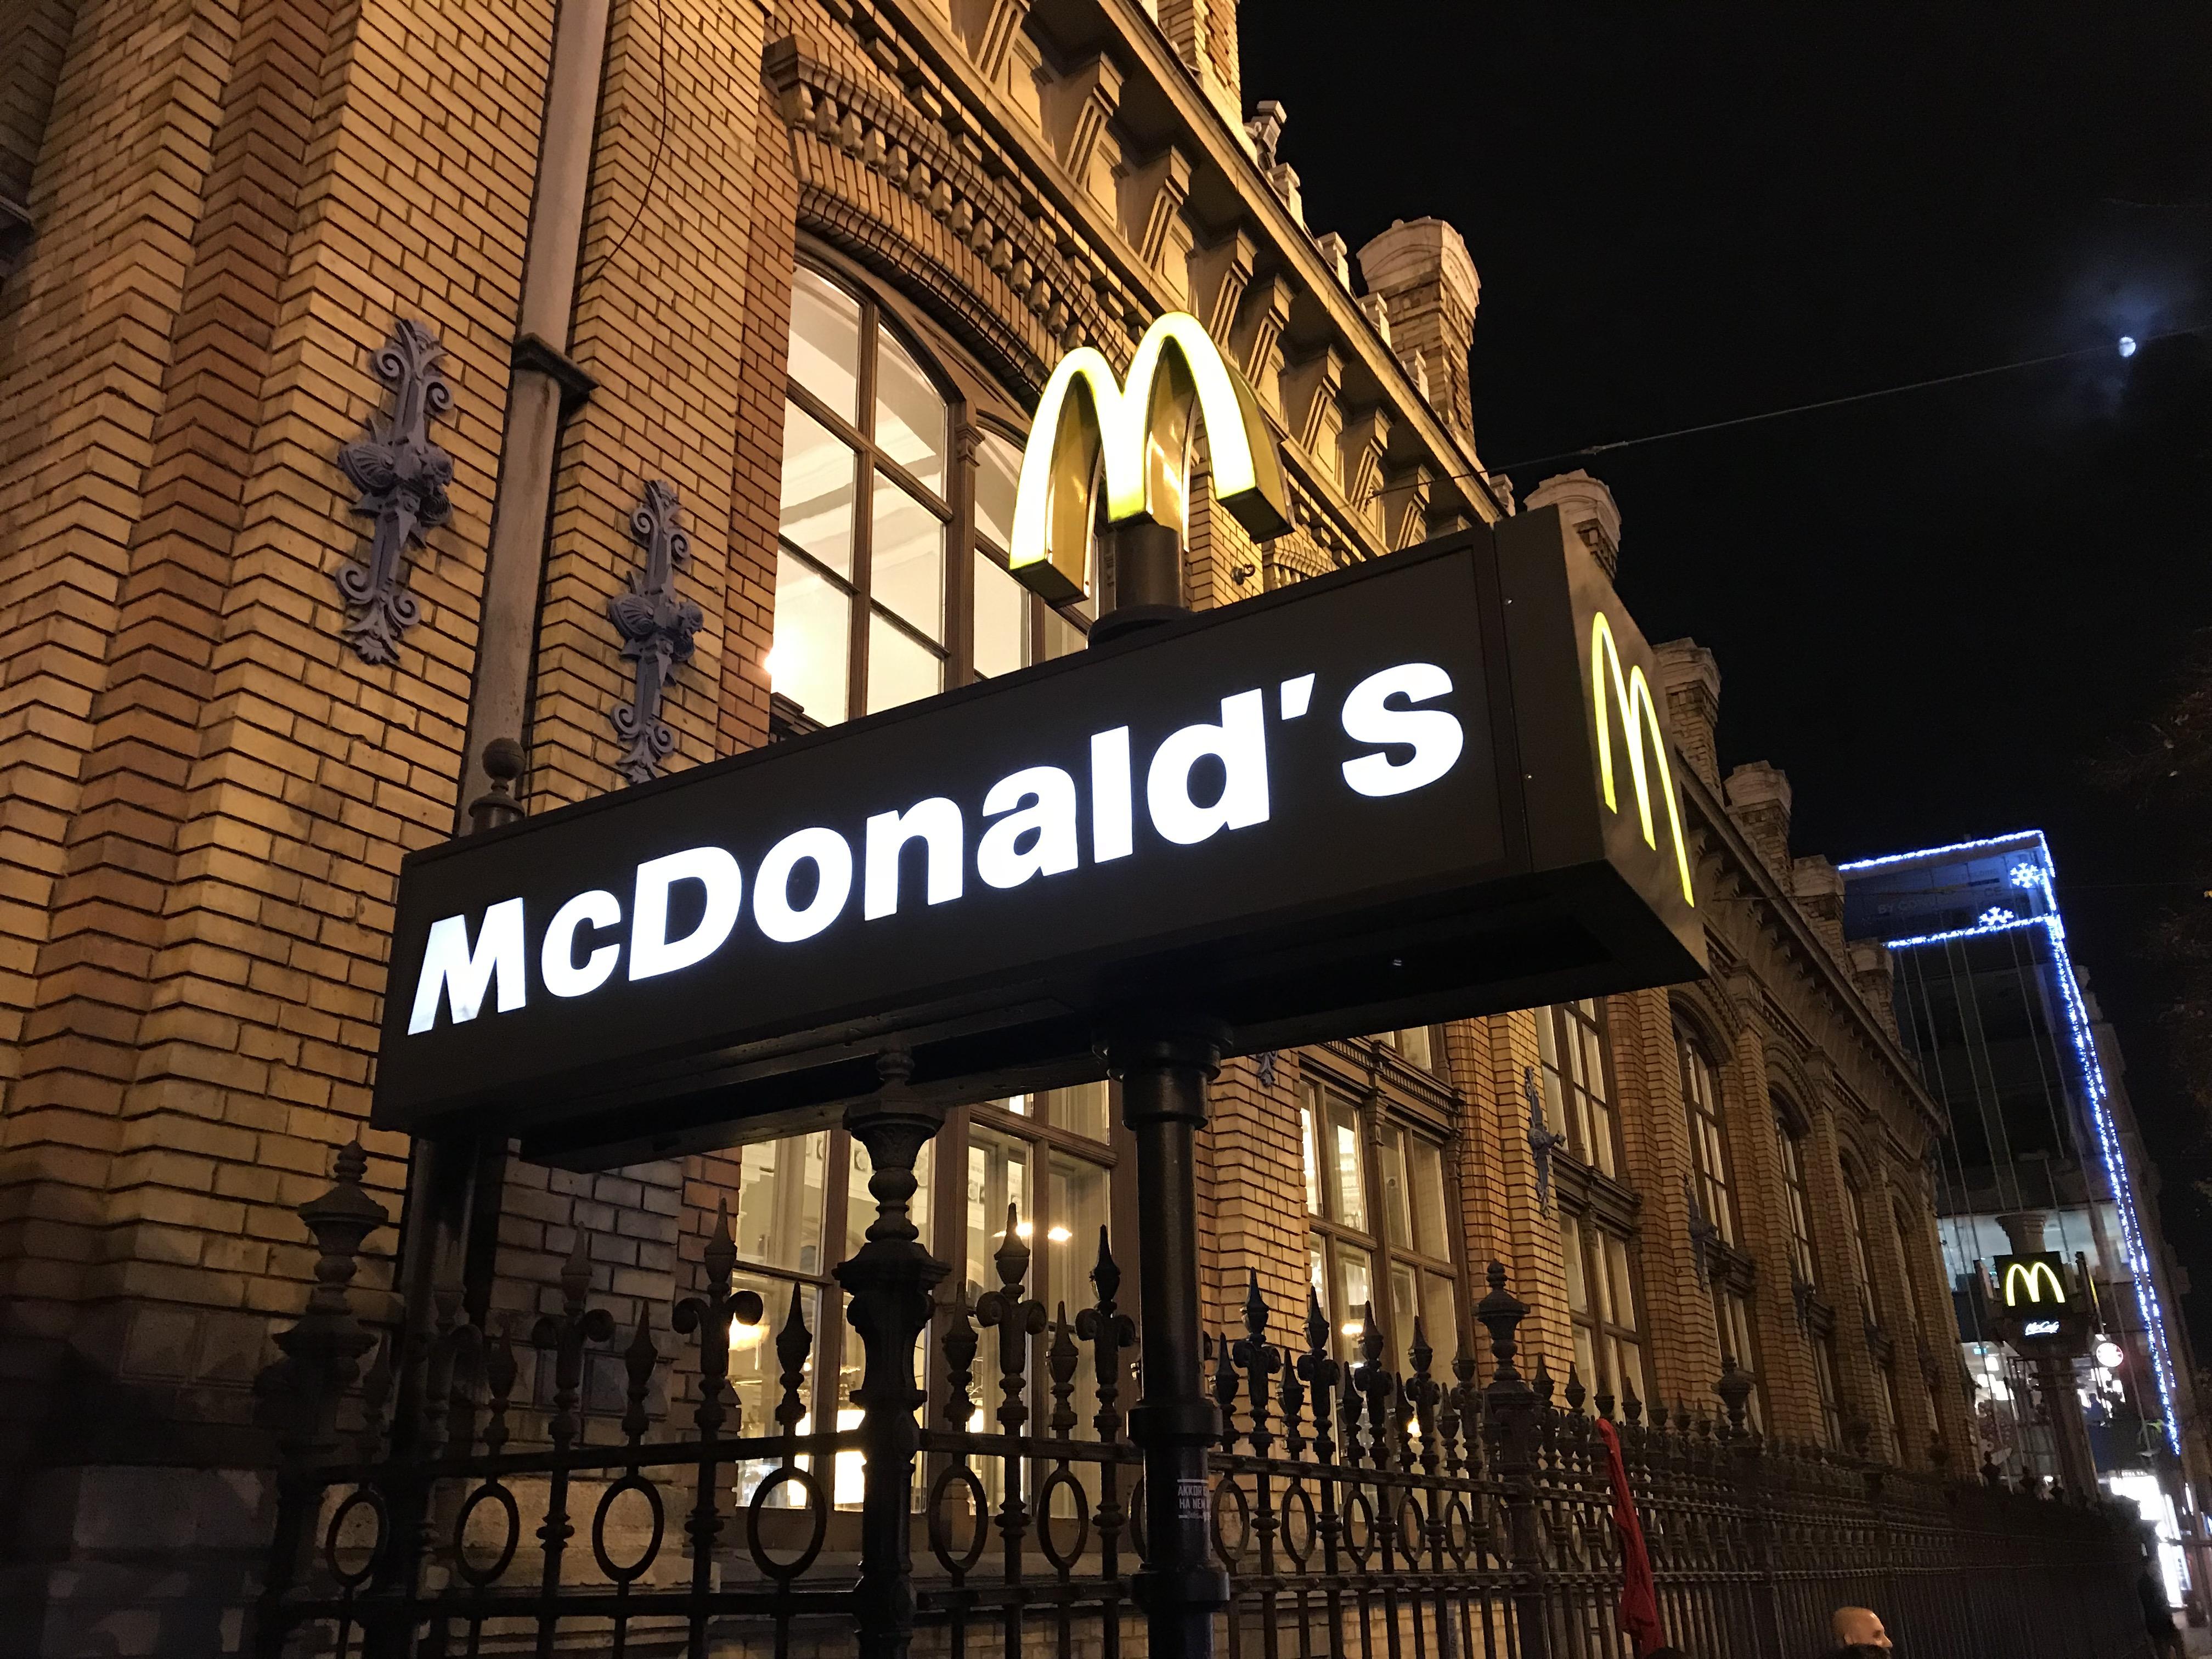 世界一綺麗なマクドナルド